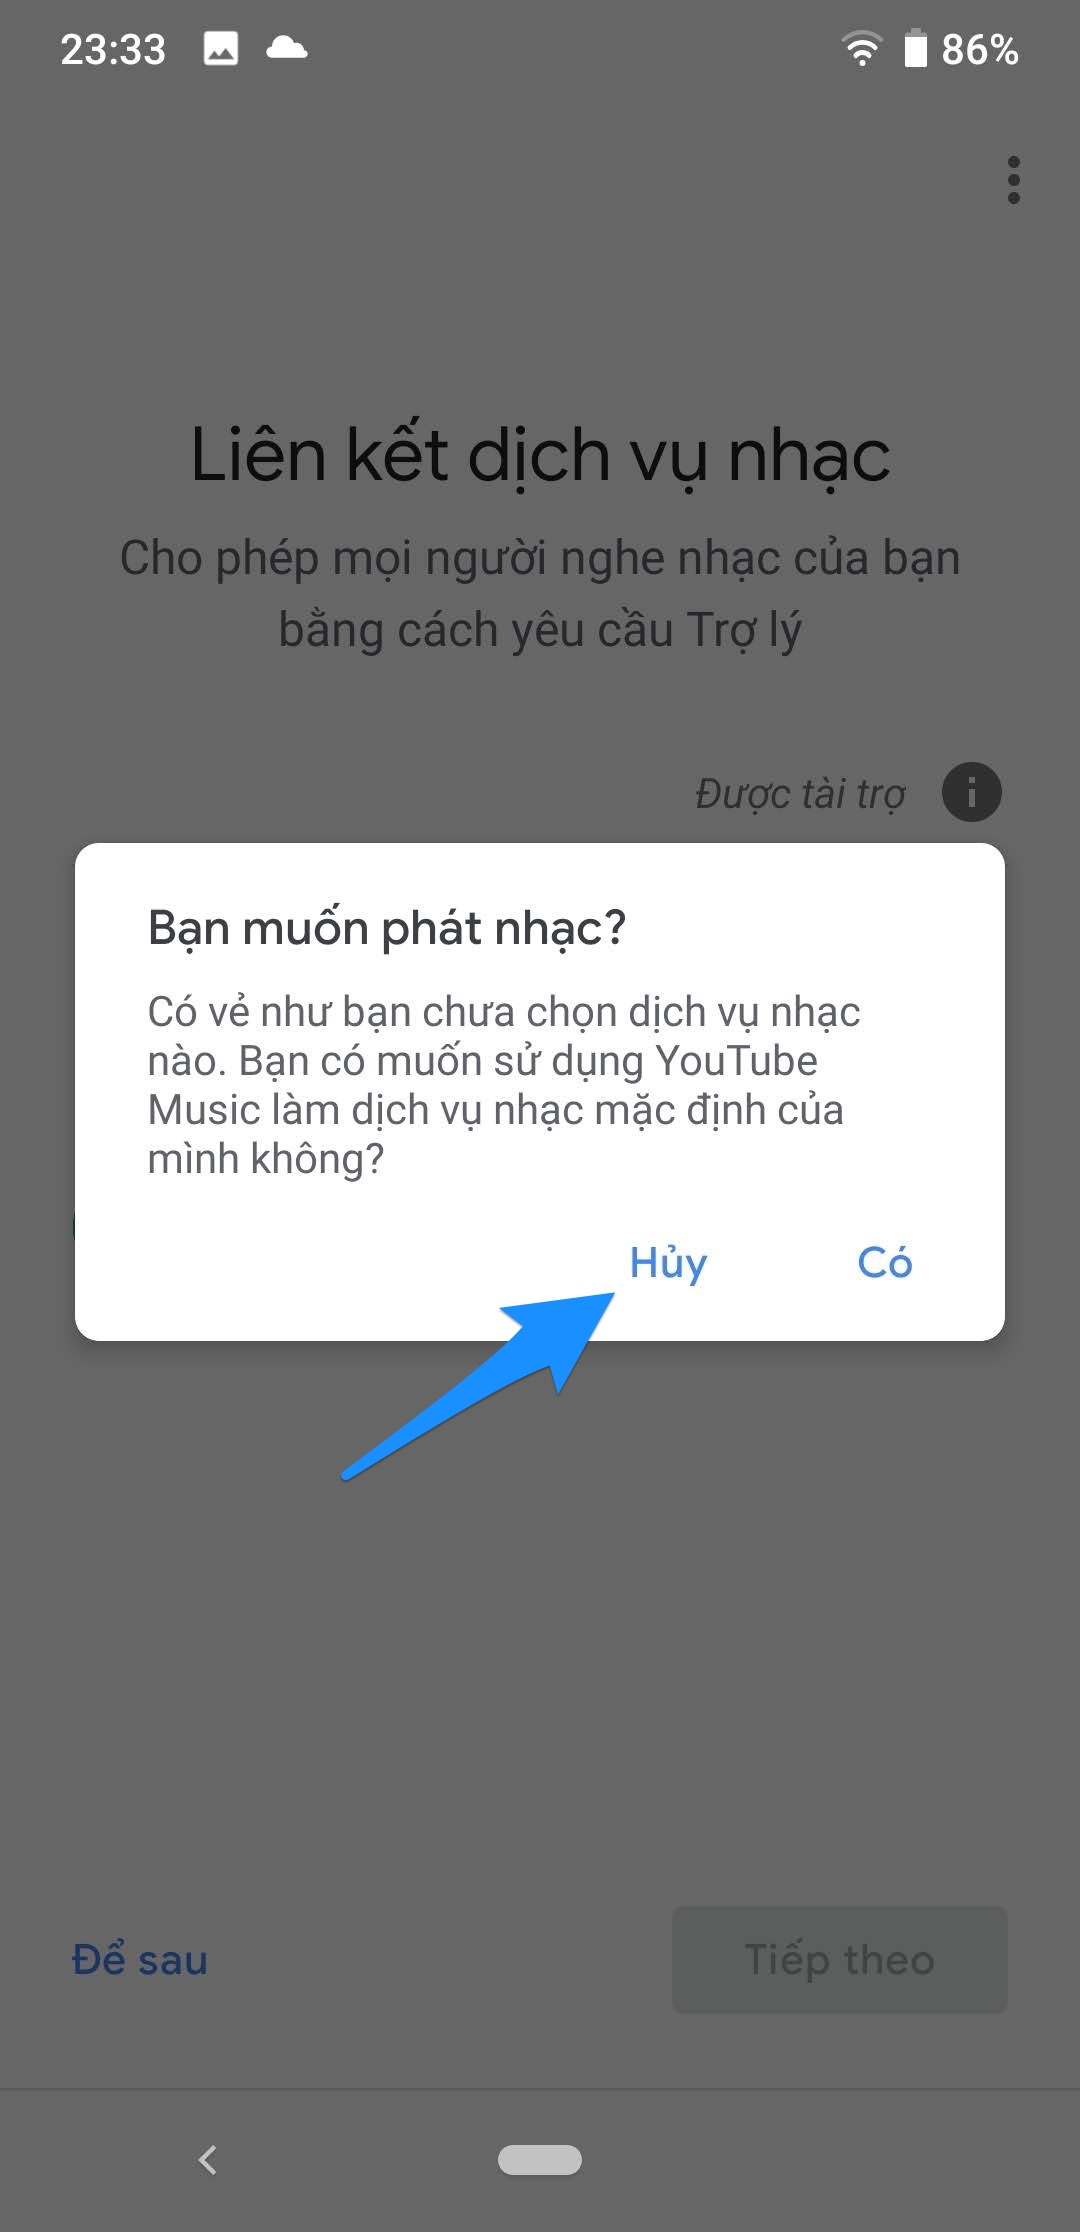 [Mới Nhất] Kích hoạt Tiếng Việt trên loa Google Home Mini - Smarthome HN